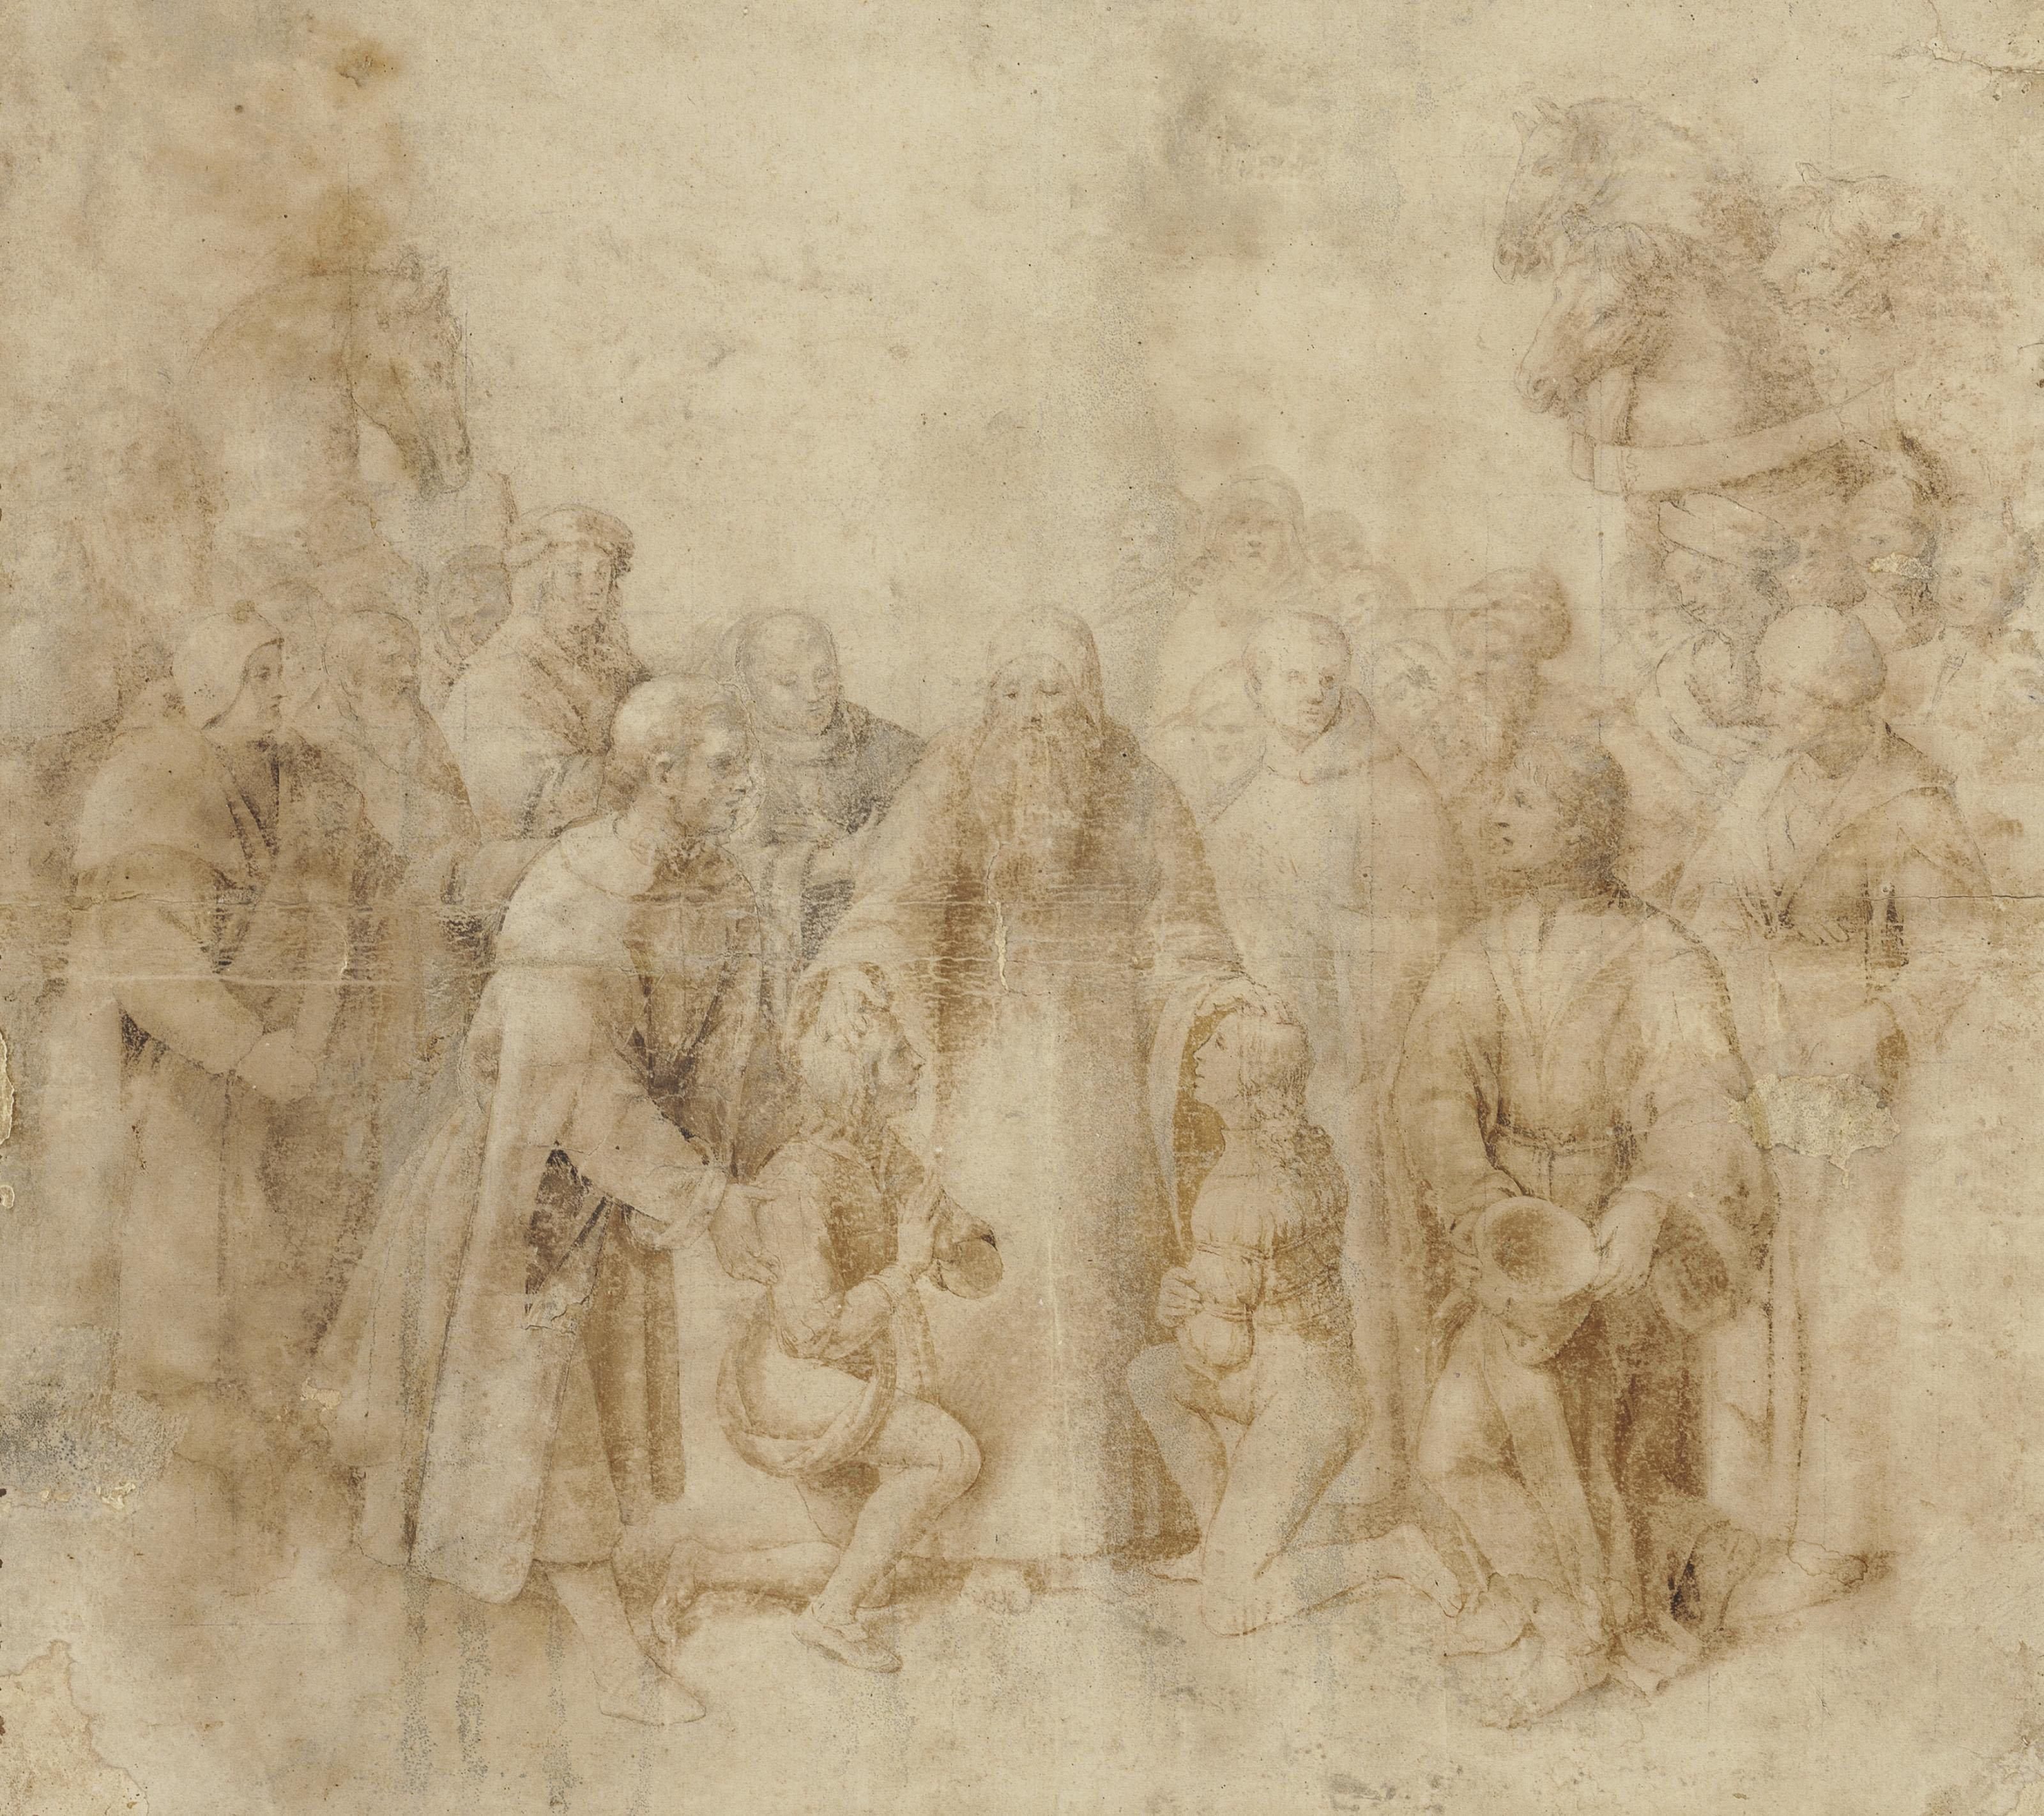 Saint Benedict receiving Maurus and Placidus